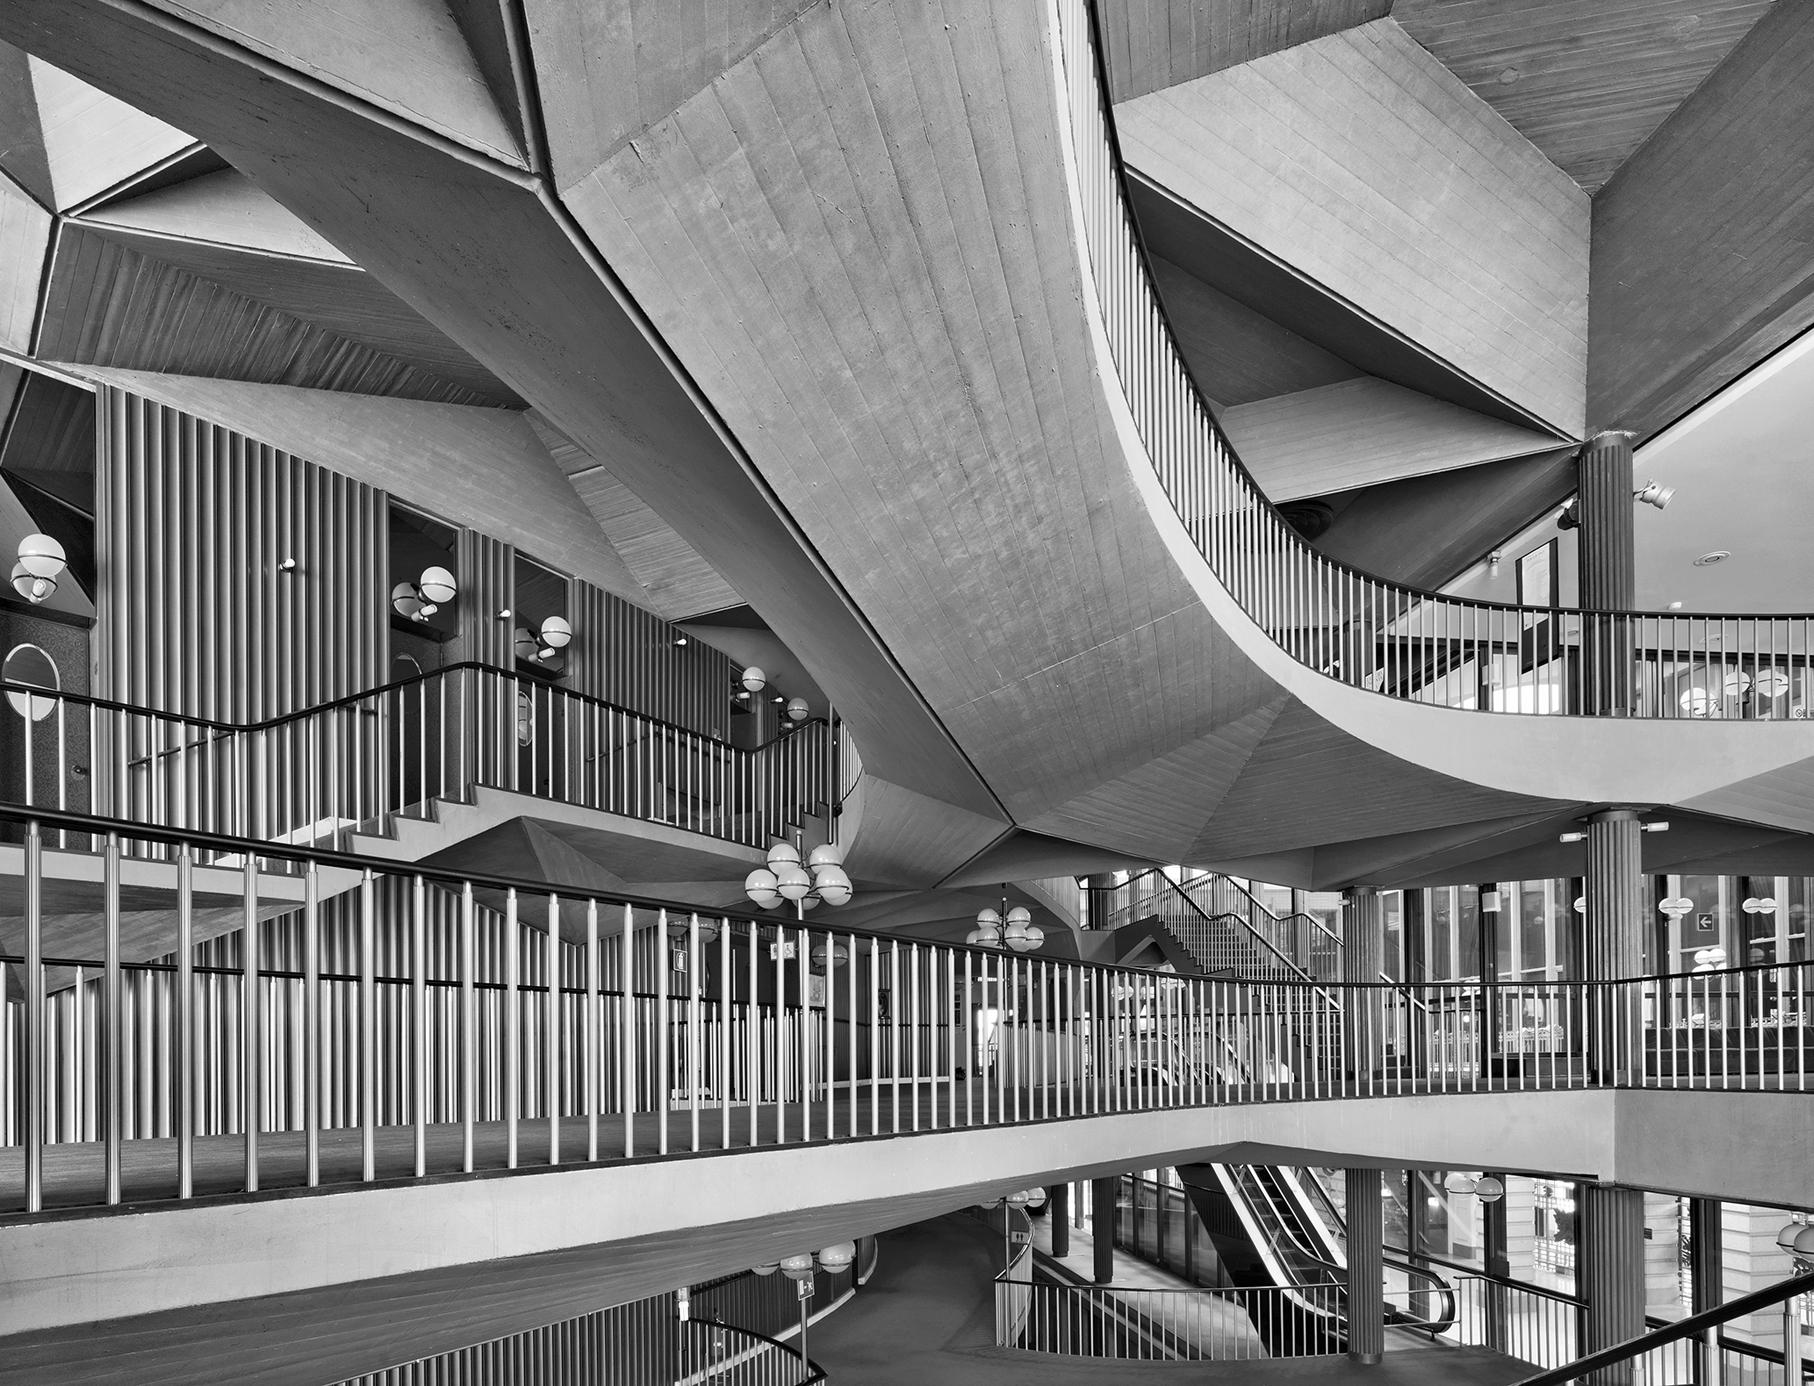 Lavoro Per Architetti Torino tra rigore progettuale e gioco illusorio: fotografare l